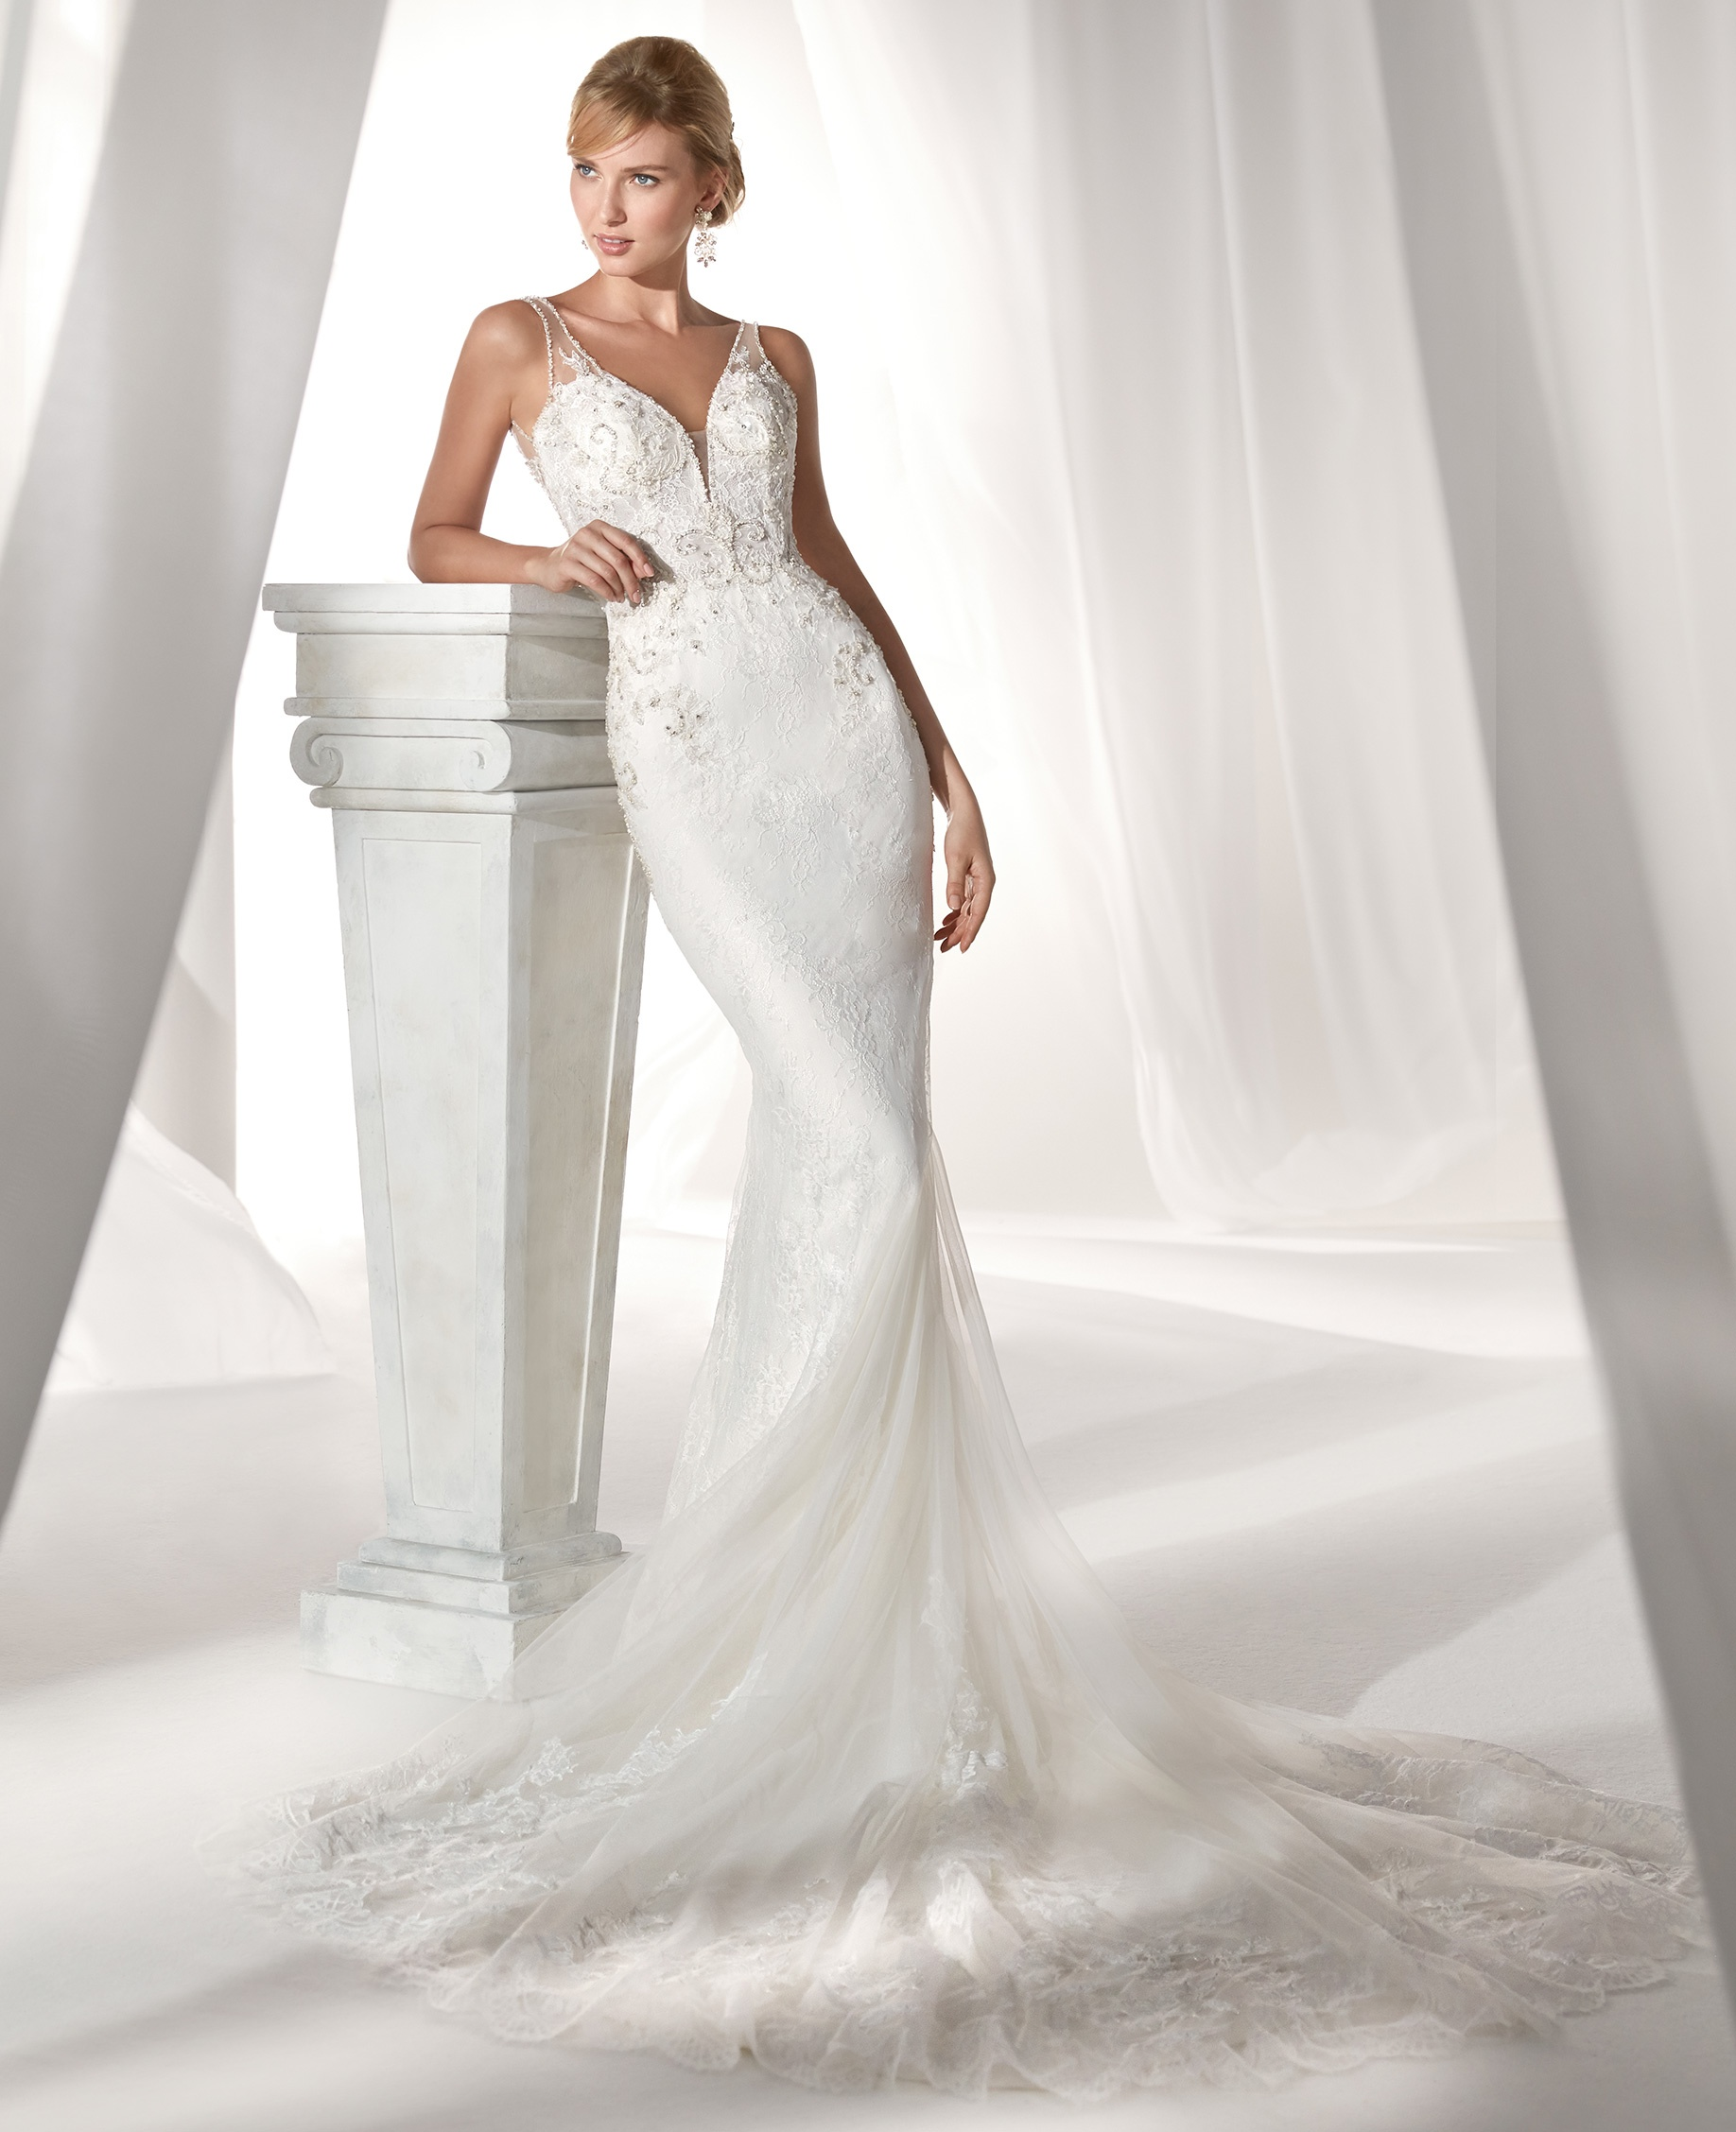 c7181d033a70 nicole spose 2019 nuova collezione abiti da sposa 20 - Sposa Felice